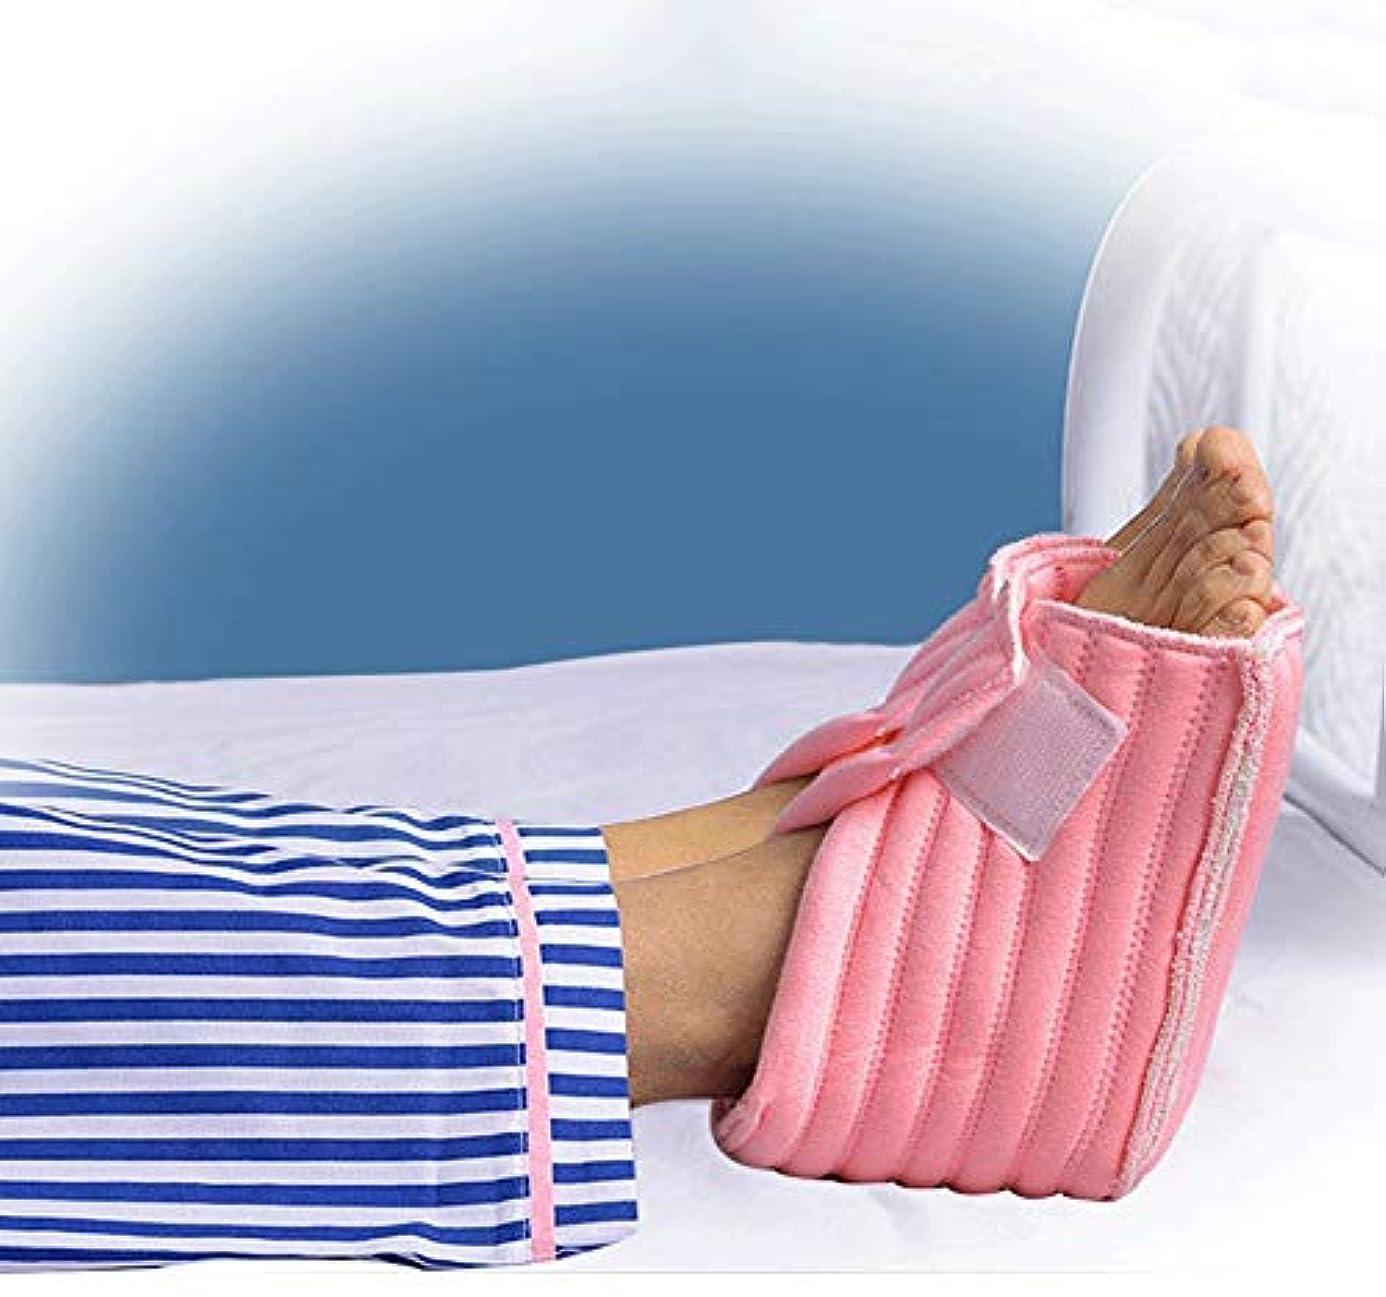 口述する責任者篭かかとプロテクター枕、Pressure瘡の予防のための足枕かかとクッションプロテクター、高齢者の足補正カバー-ワンサイズフィットすべて-1ペア